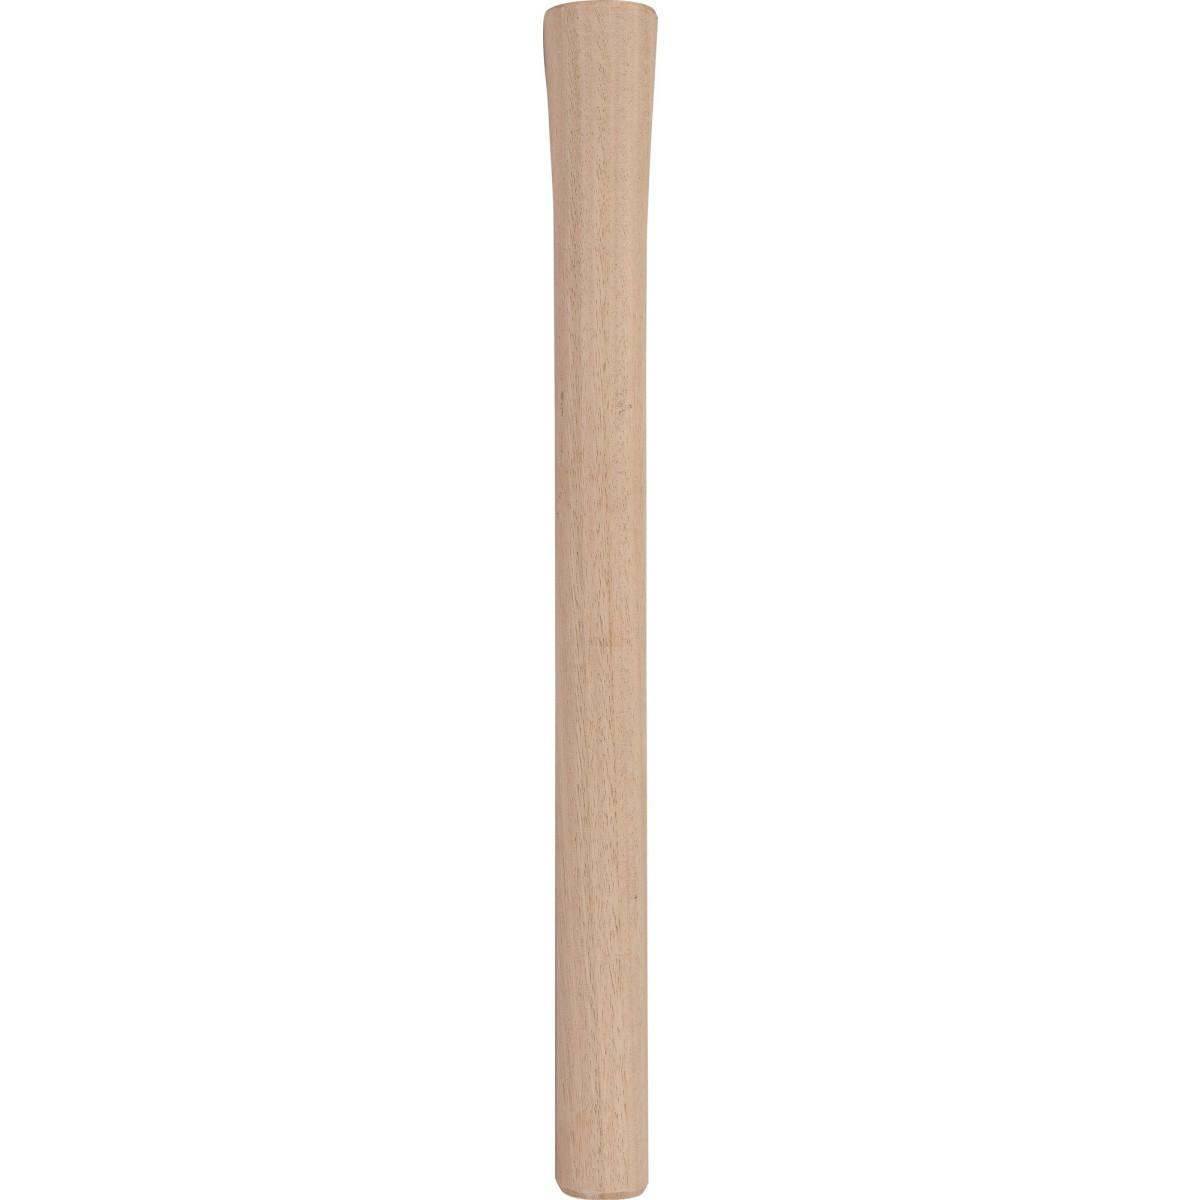 Manche pour marteau Cap Vert - Dimensions 37,5 cm